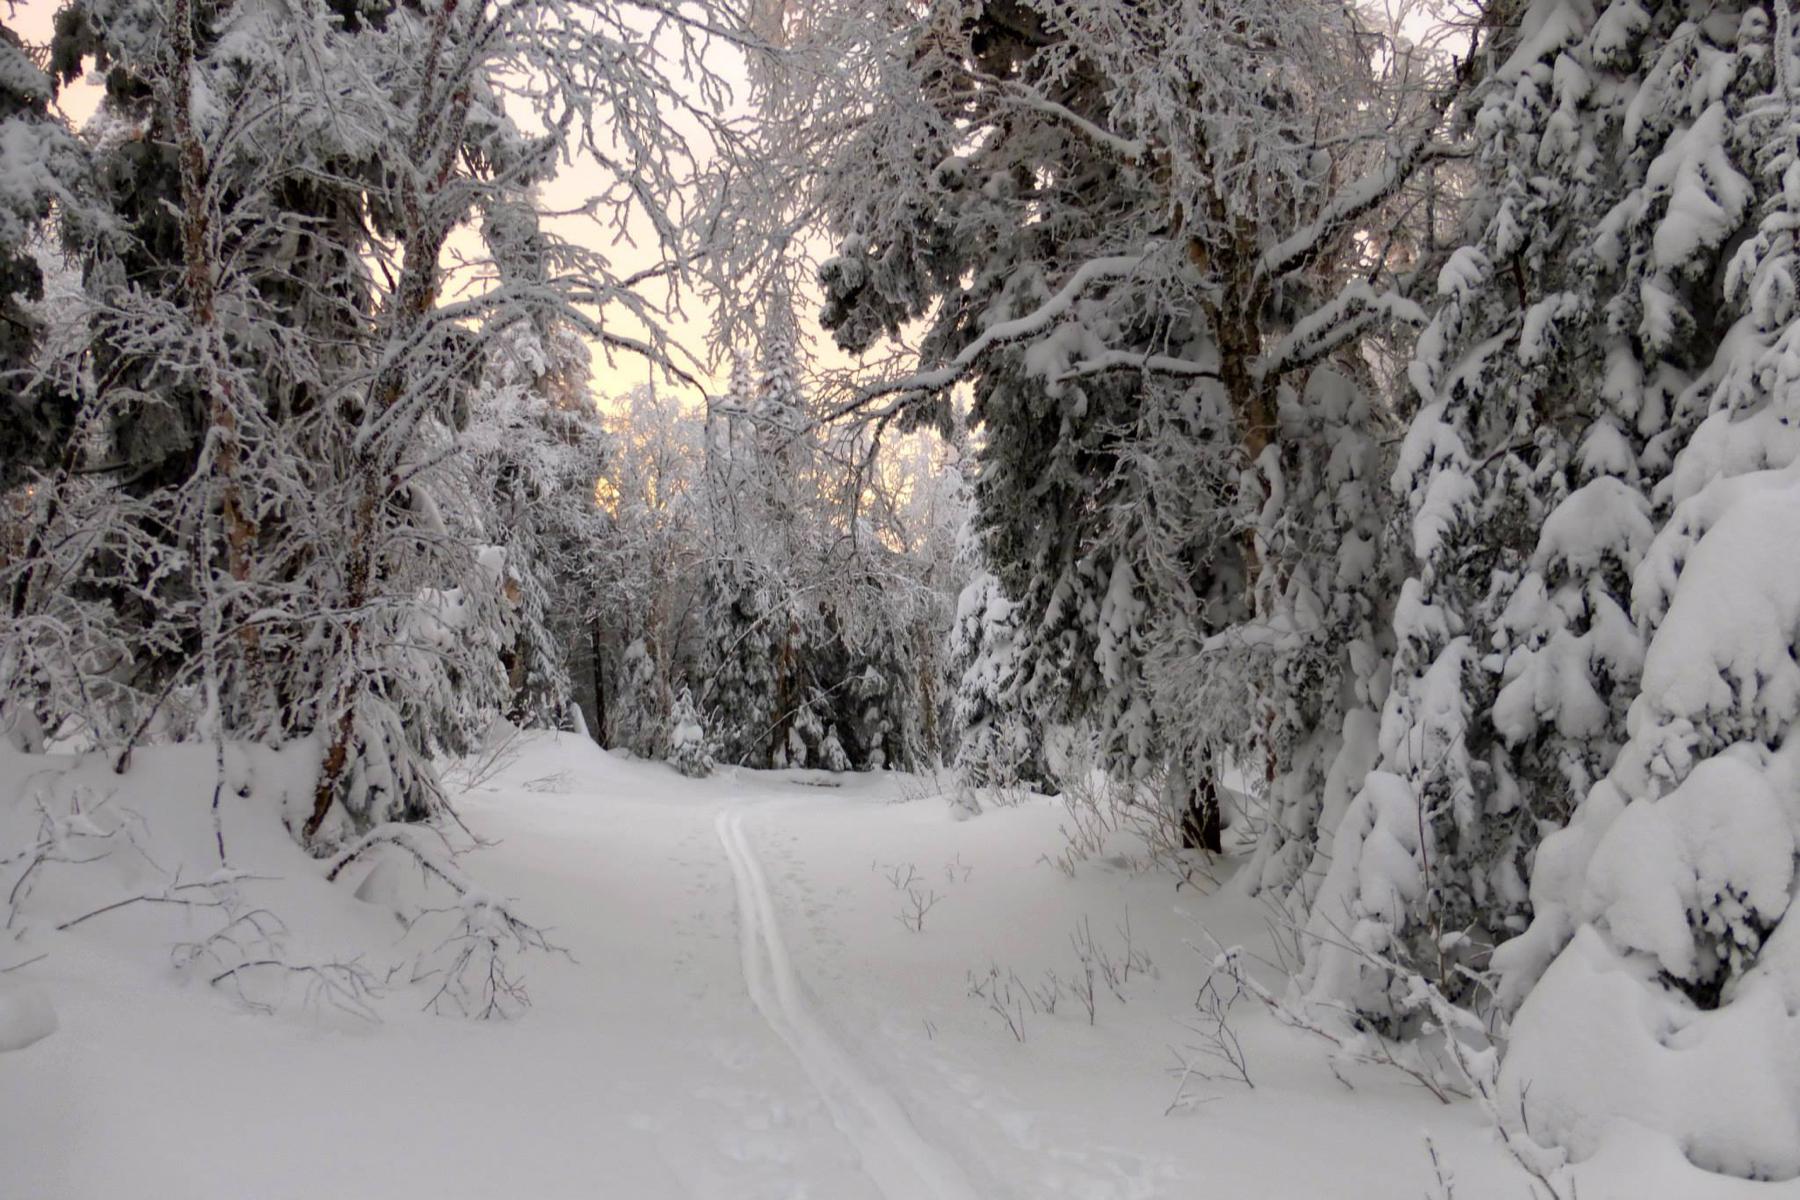 parc-montagne-du-diable-paysage-00034_1800x1200